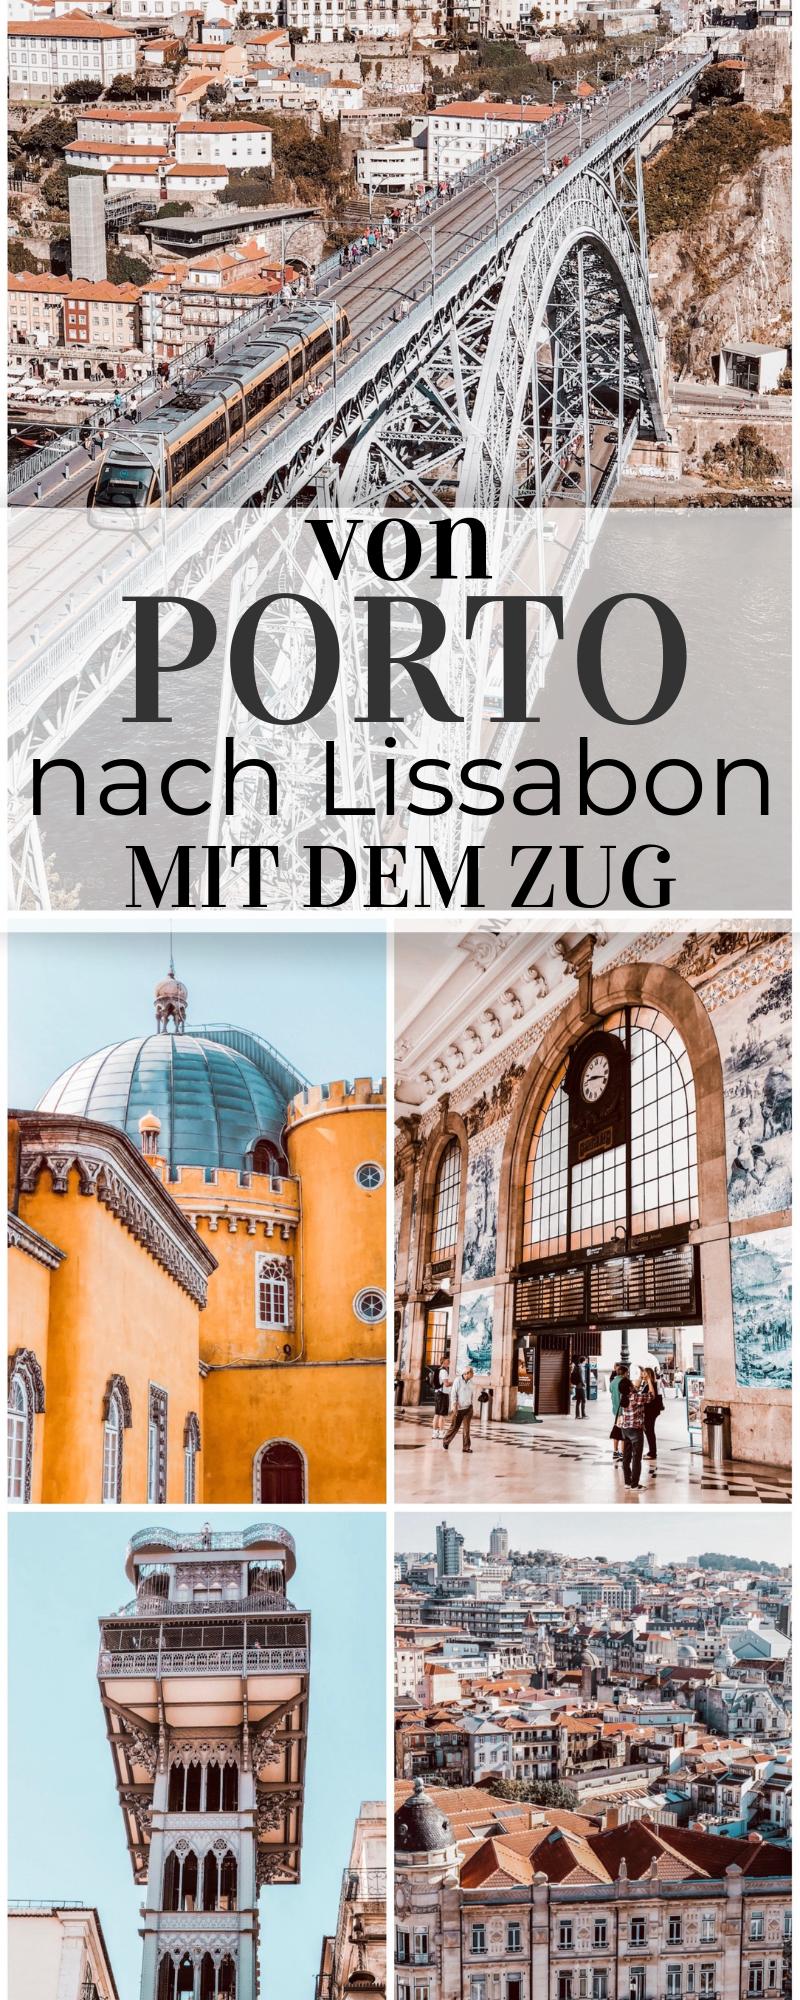 Mit dem Zug von Porto nach Lissabon - Urlaub in Portugal ⋆ Child & Compass